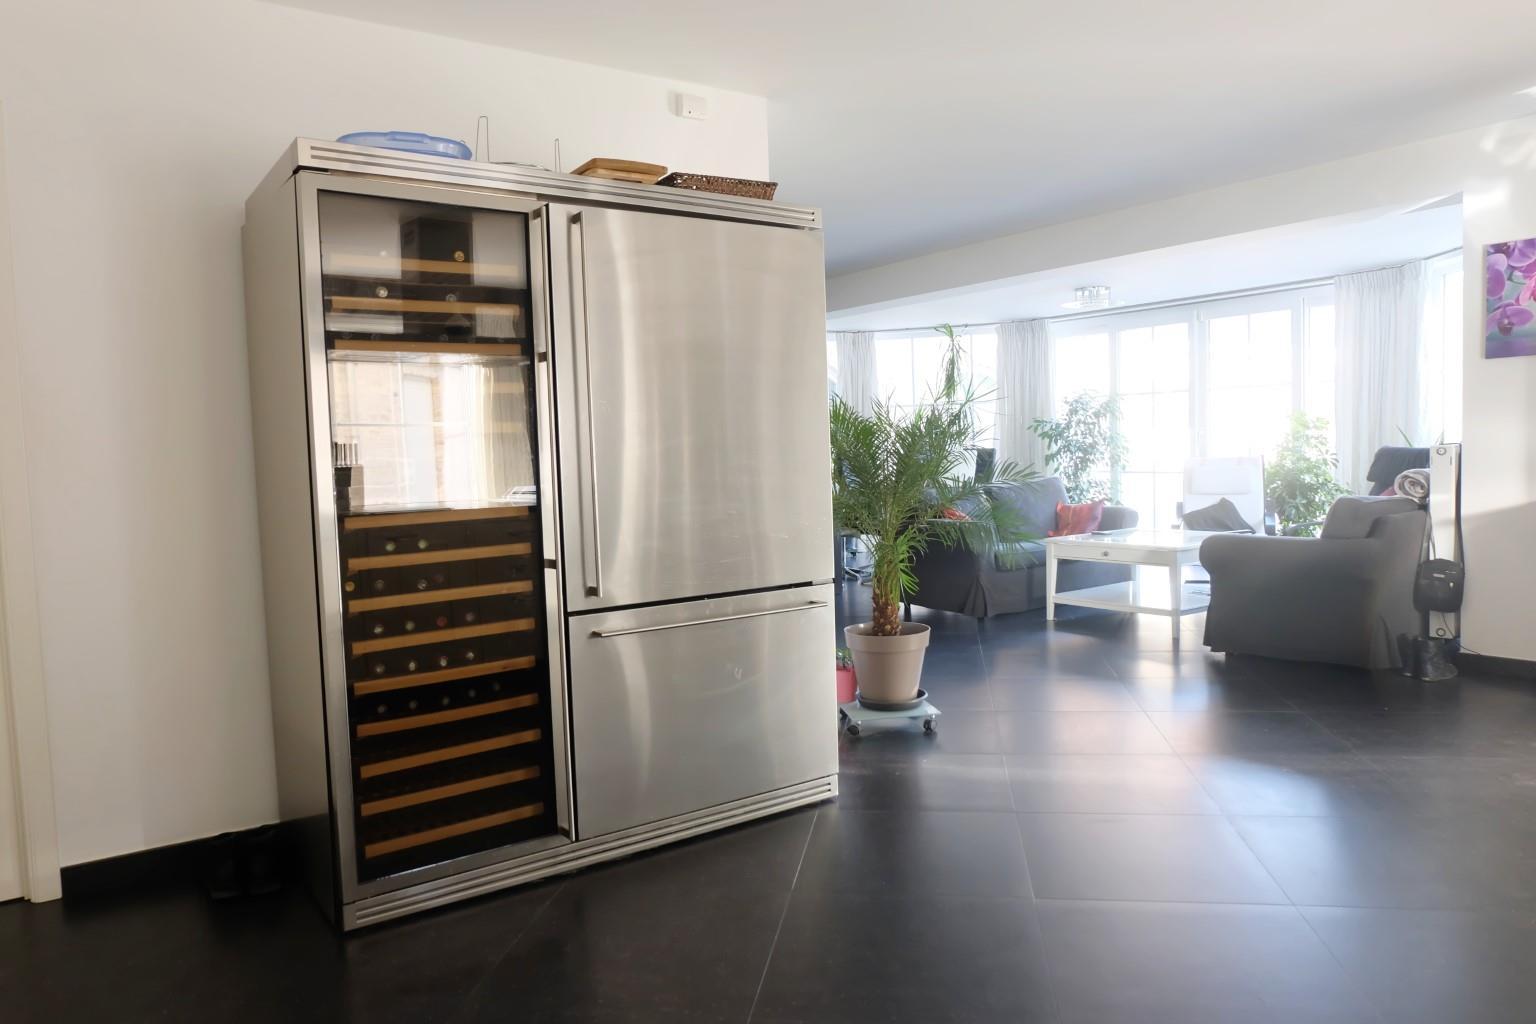 Appartement exceptionnel - Braine-le-Comte Hennuyères - #2181234-7